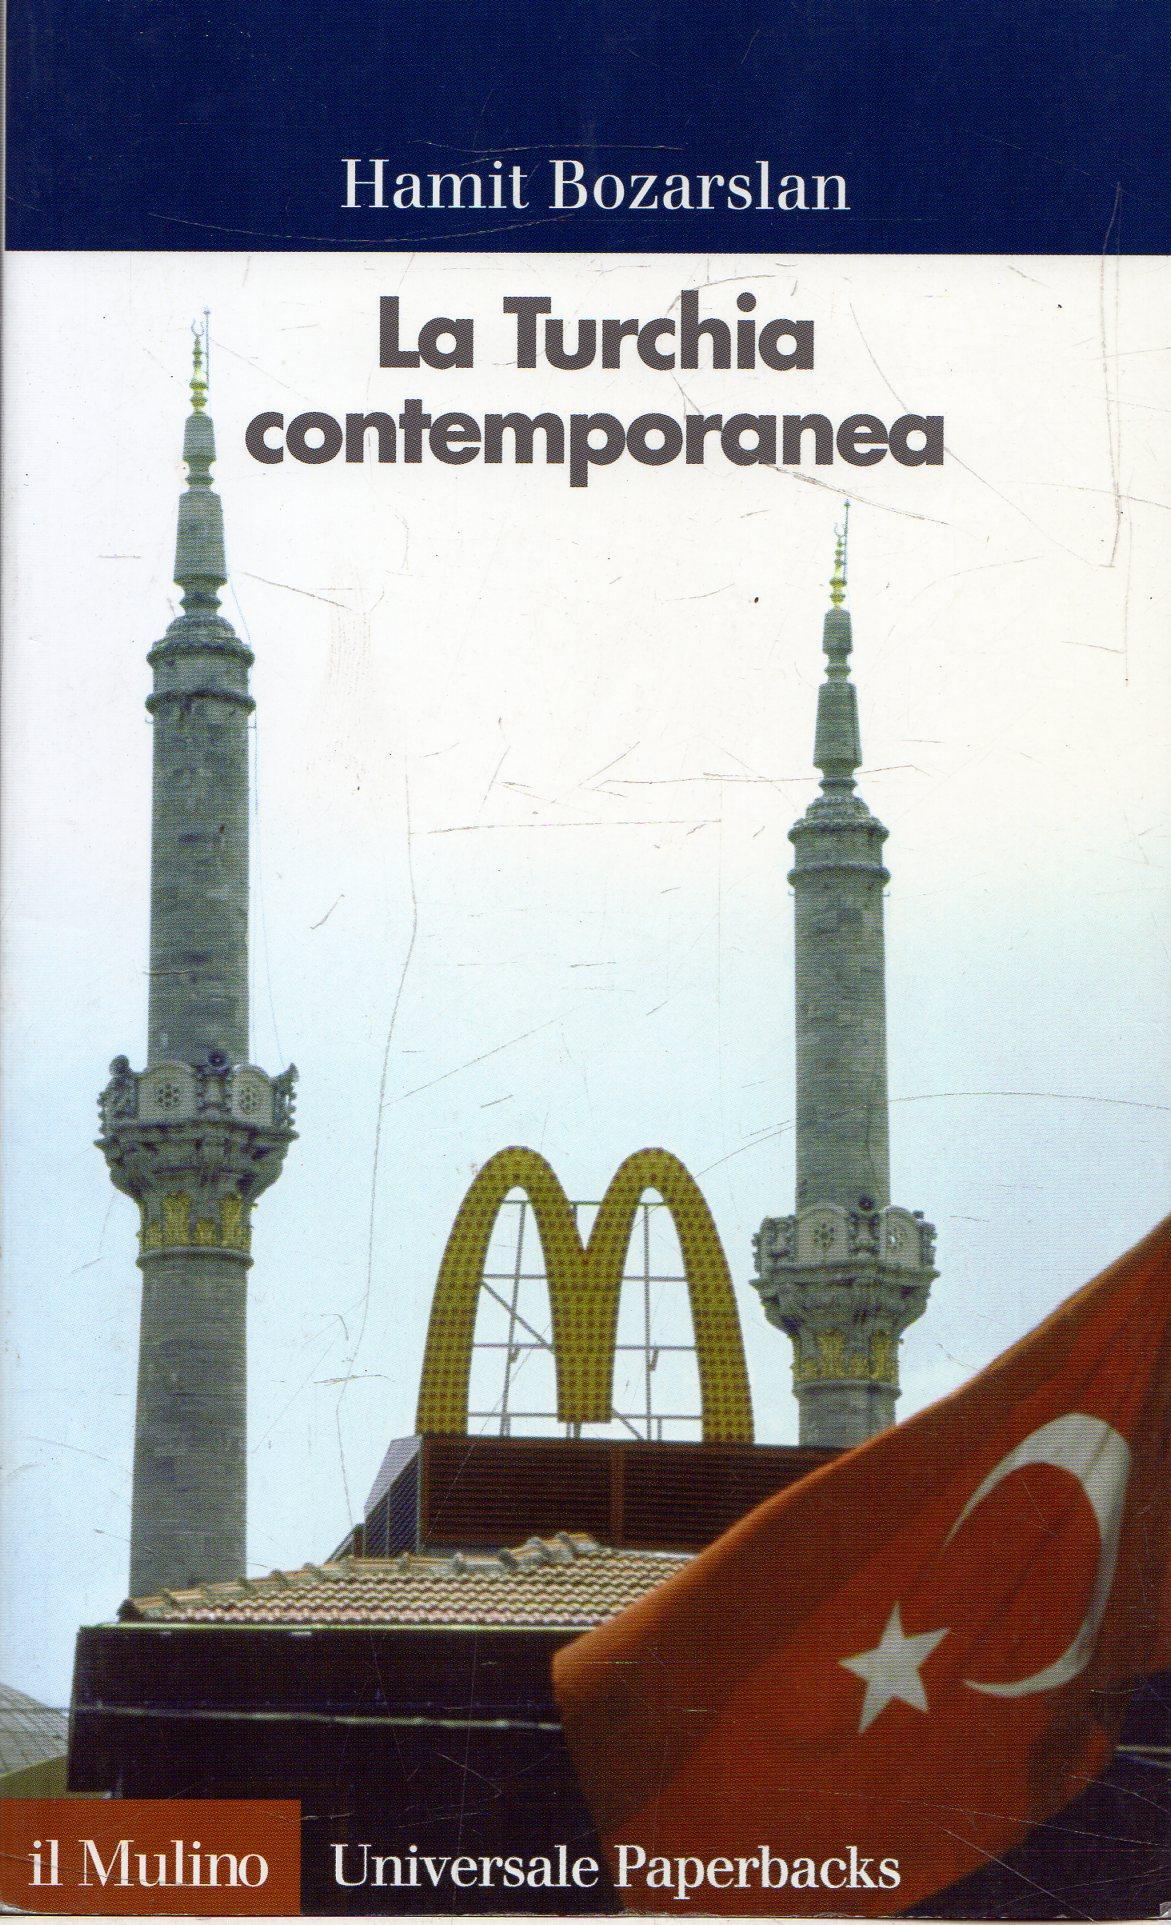 La Turchia contemporanea - Bozarslan, Hamit